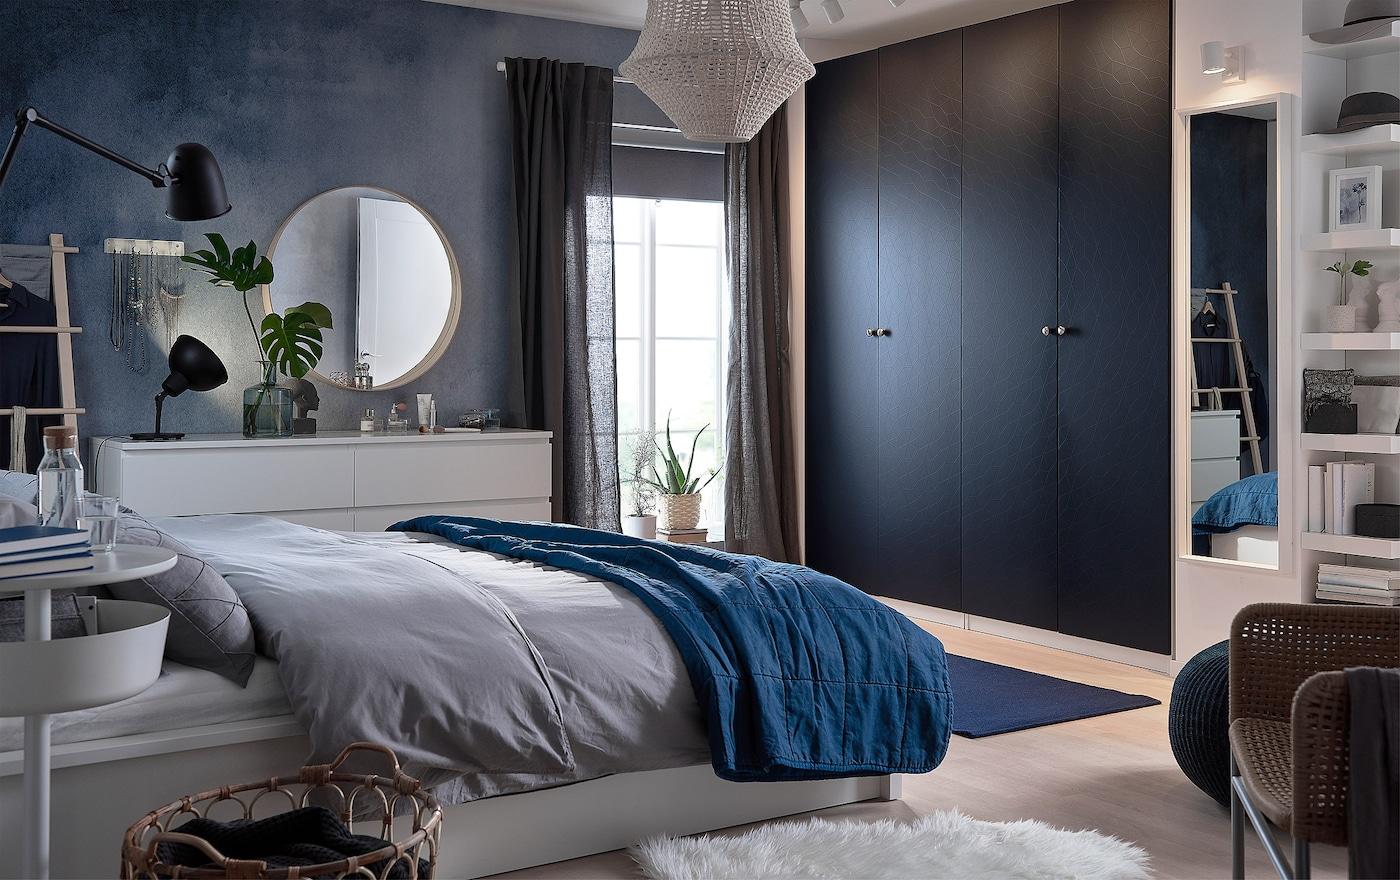 Dale a tu dormitorio una sensación de calma y frescura con nuestro clóset IKEA PAX HAMNÅS, un puf azul oscuro SANDARED y la alfombra STOCKHOLM de tejido liso azul profundo.